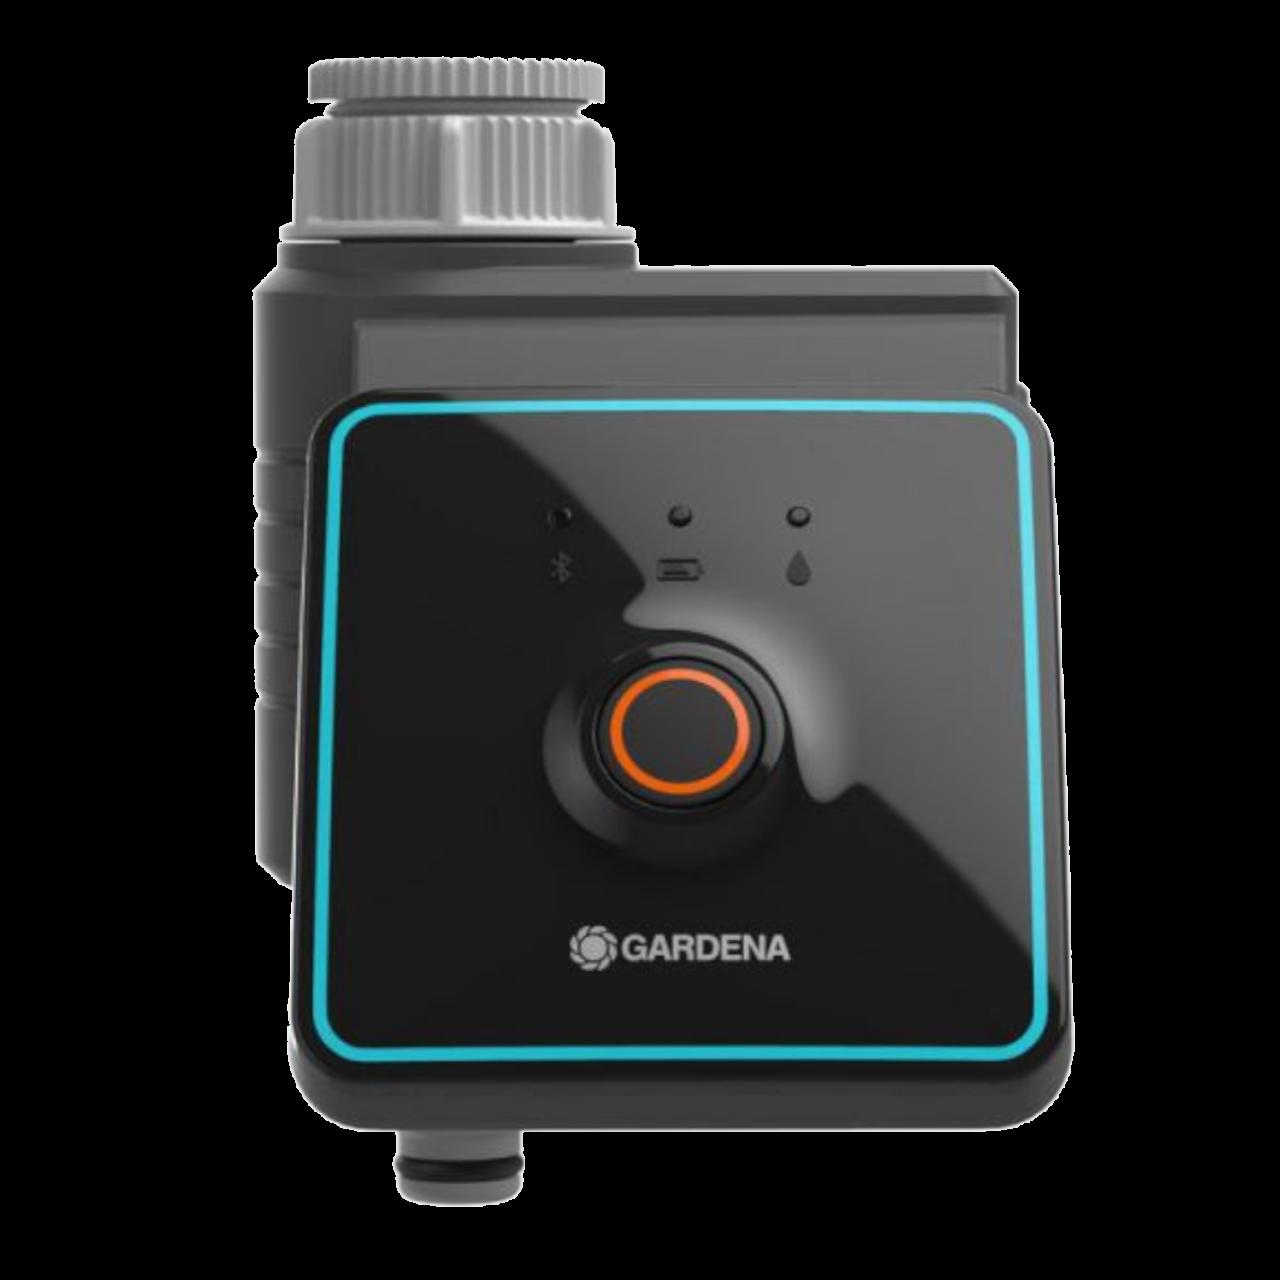 Gardena 1889-20 Bewässerungssteuerung Bluetooth